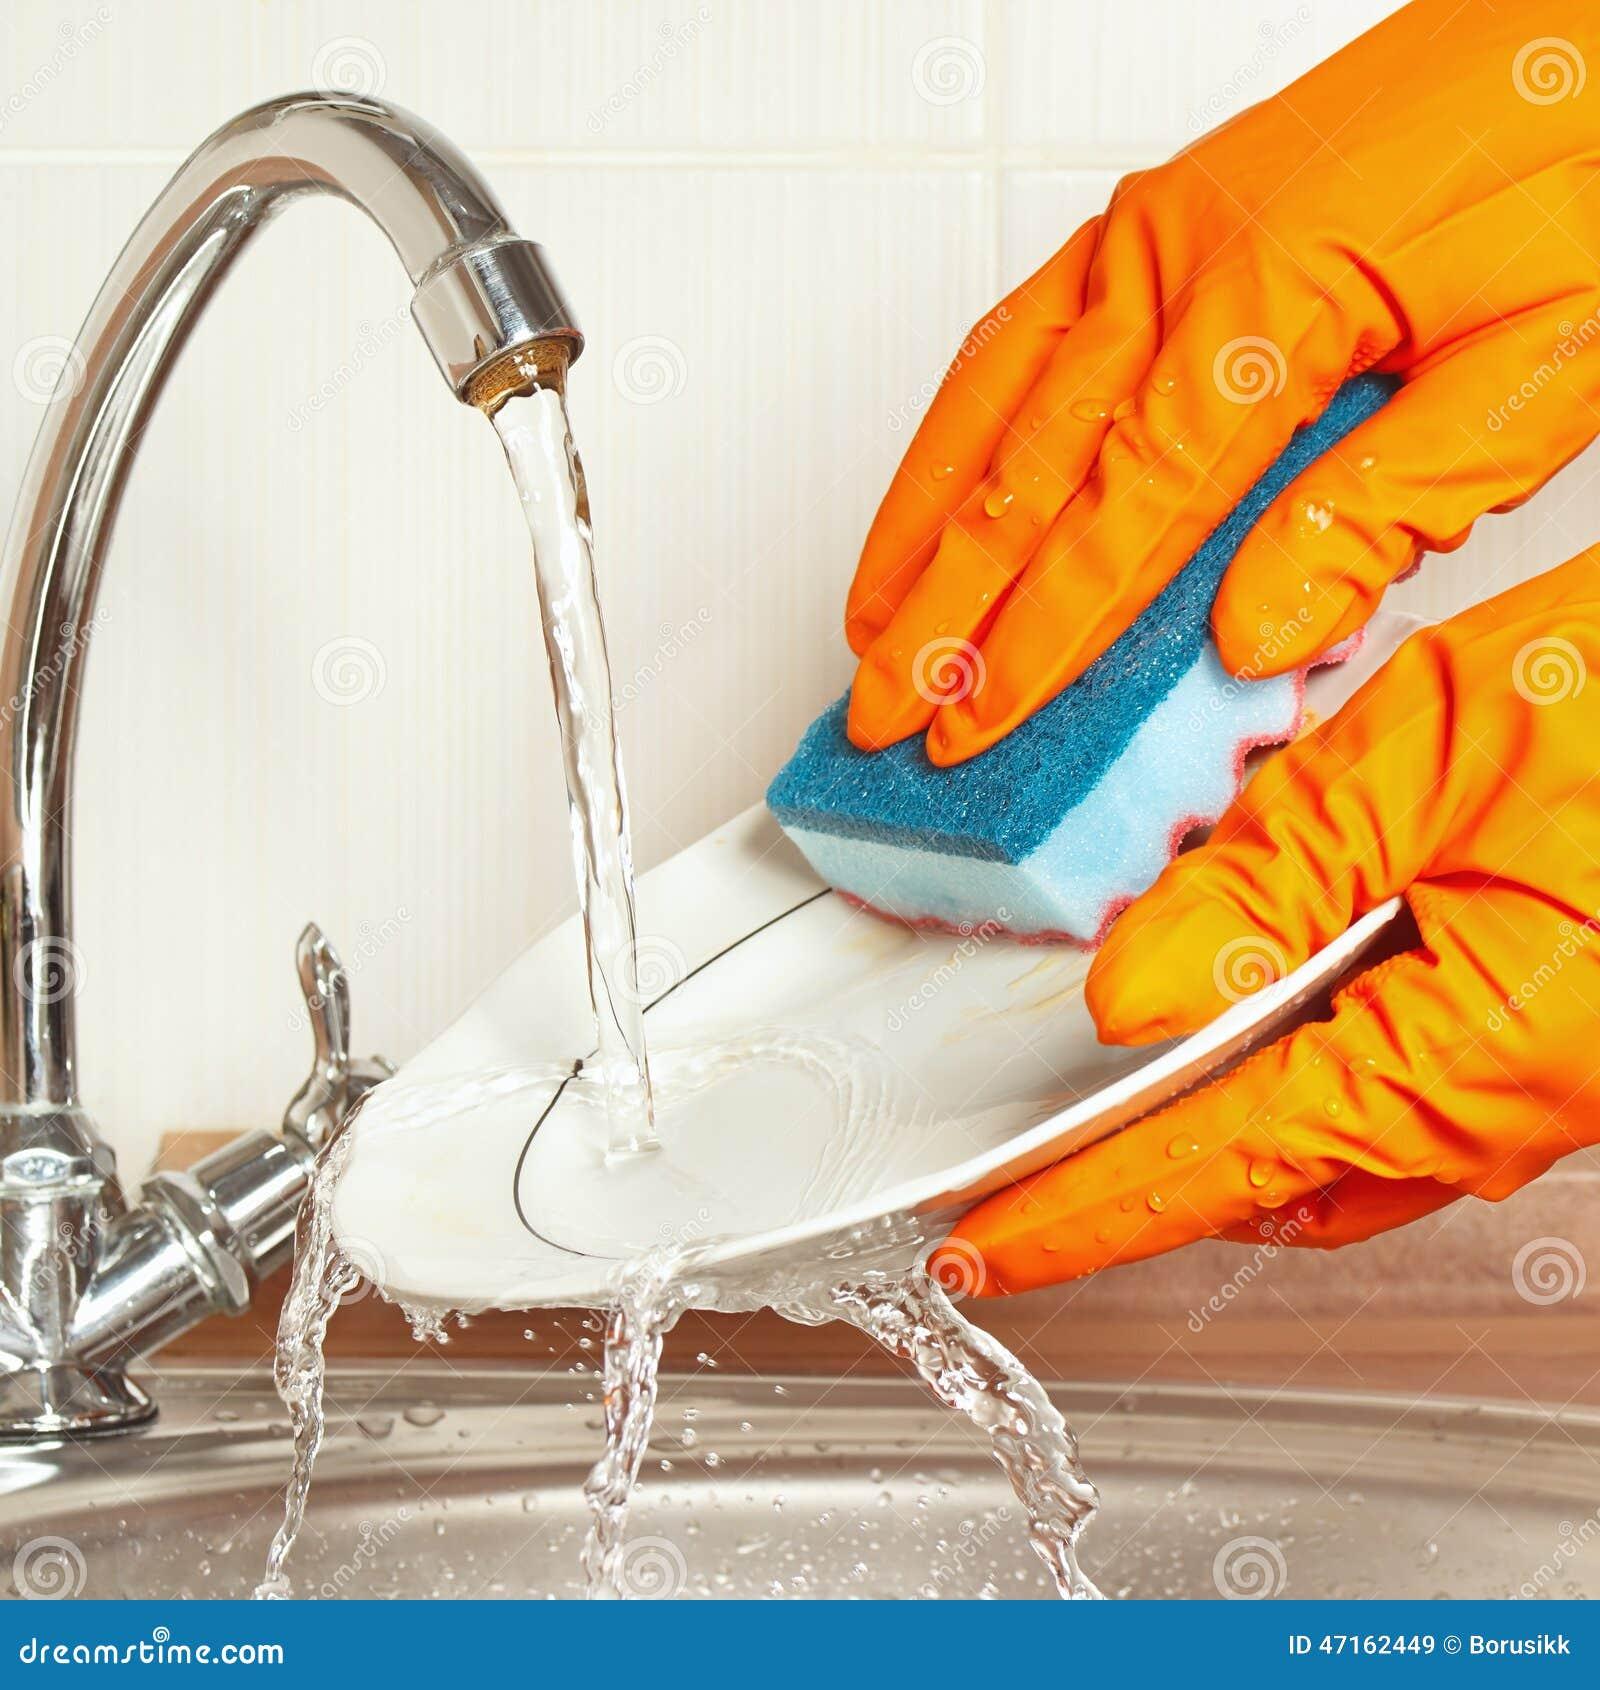 les mains dans les gants en caoutchouc font la vaisselle sale sous l 39 eau courante dans la. Black Bedroom Furniture Sets. Home Design Ideas